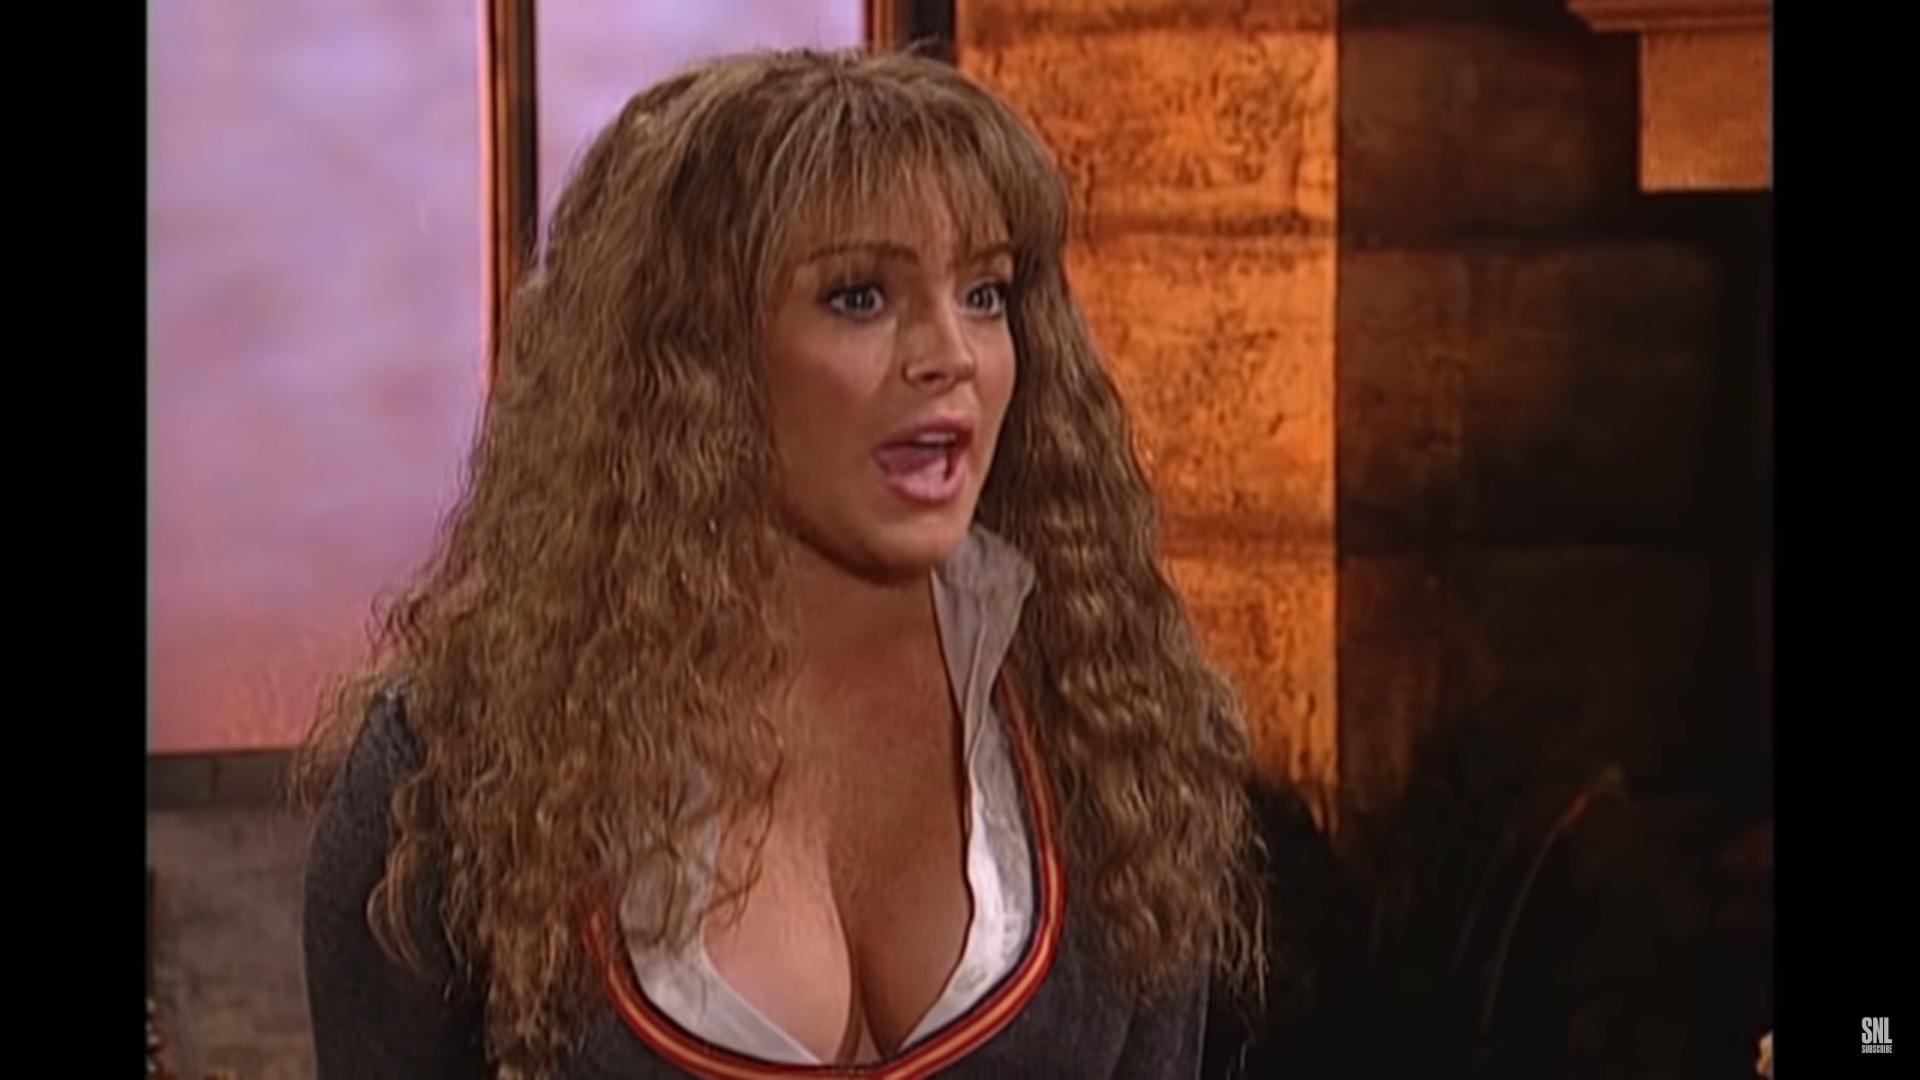 Lindsay Lohan Speaks Rp In Harry Potter Spoof Spoofs Lindsay Lohan Harry Potter